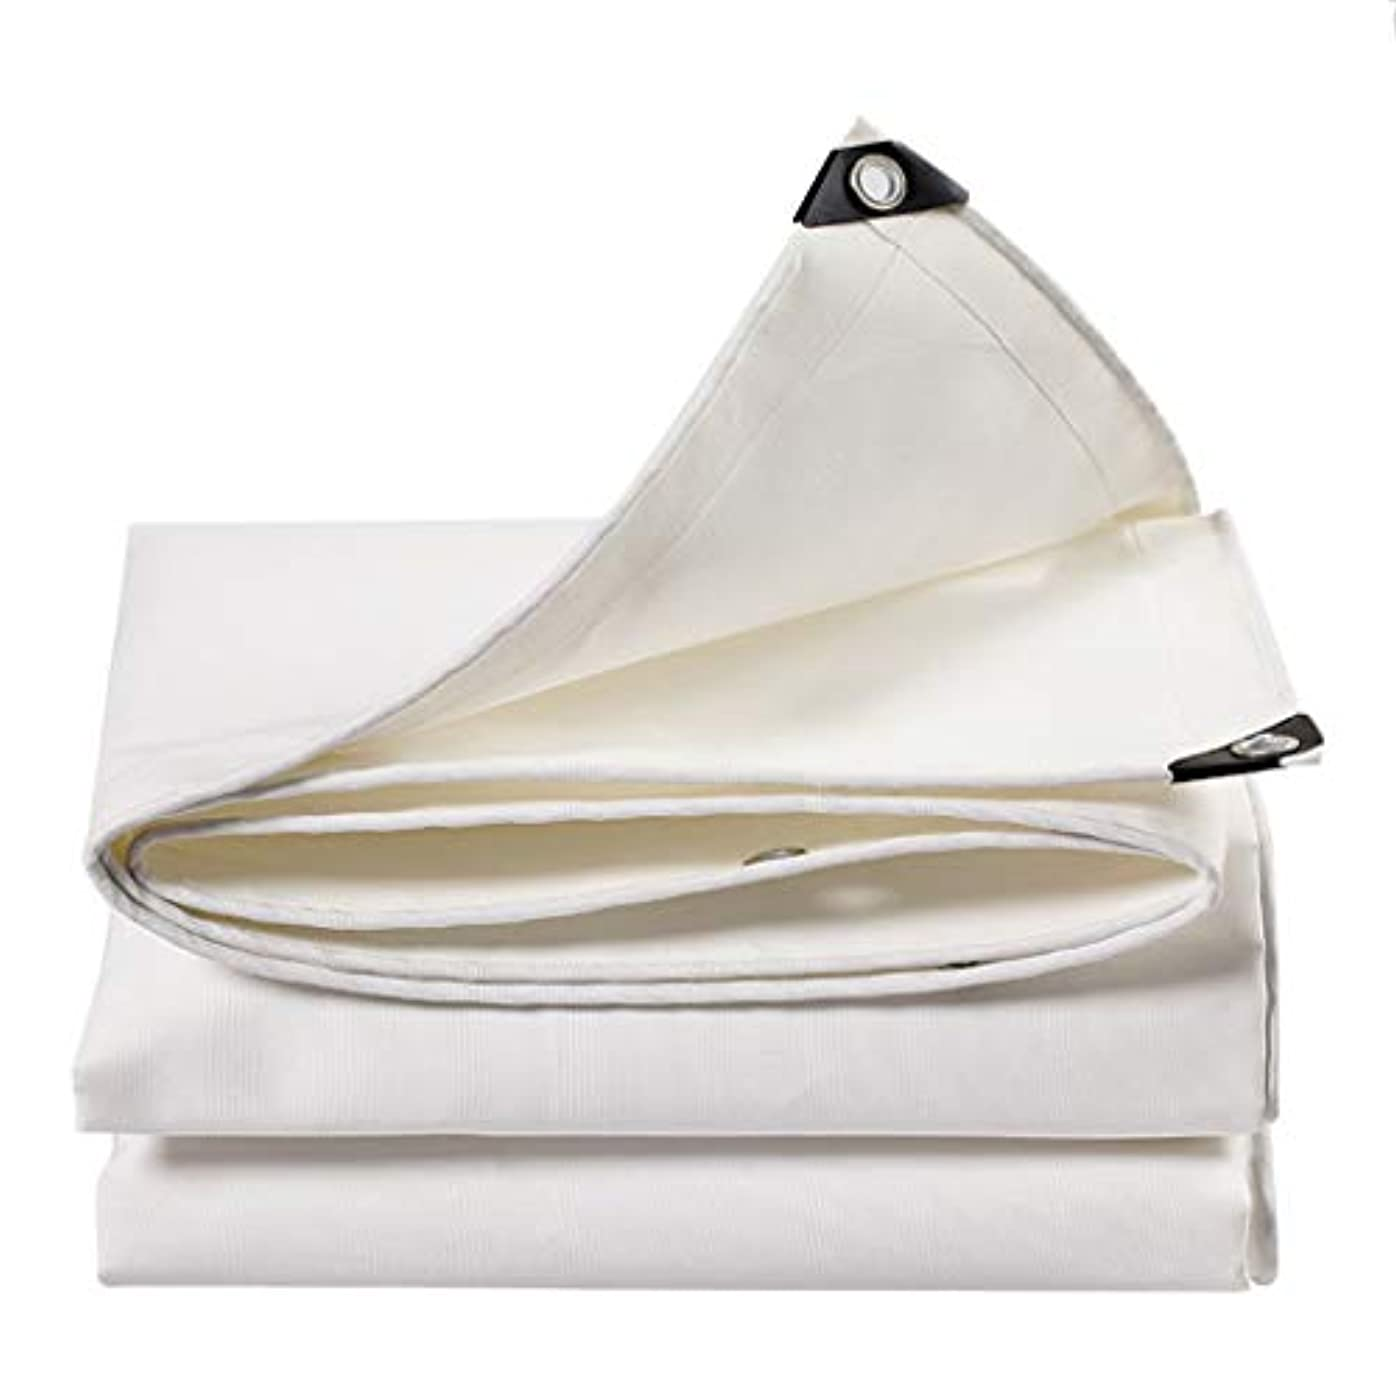 ベース雇用者スラム街白 ターポリン 0.8mm PVC 防水 耐候性 紫外線引裂抵抗 耐老化性 キャンプ 絶縁 アウトドア タープ キャンバス